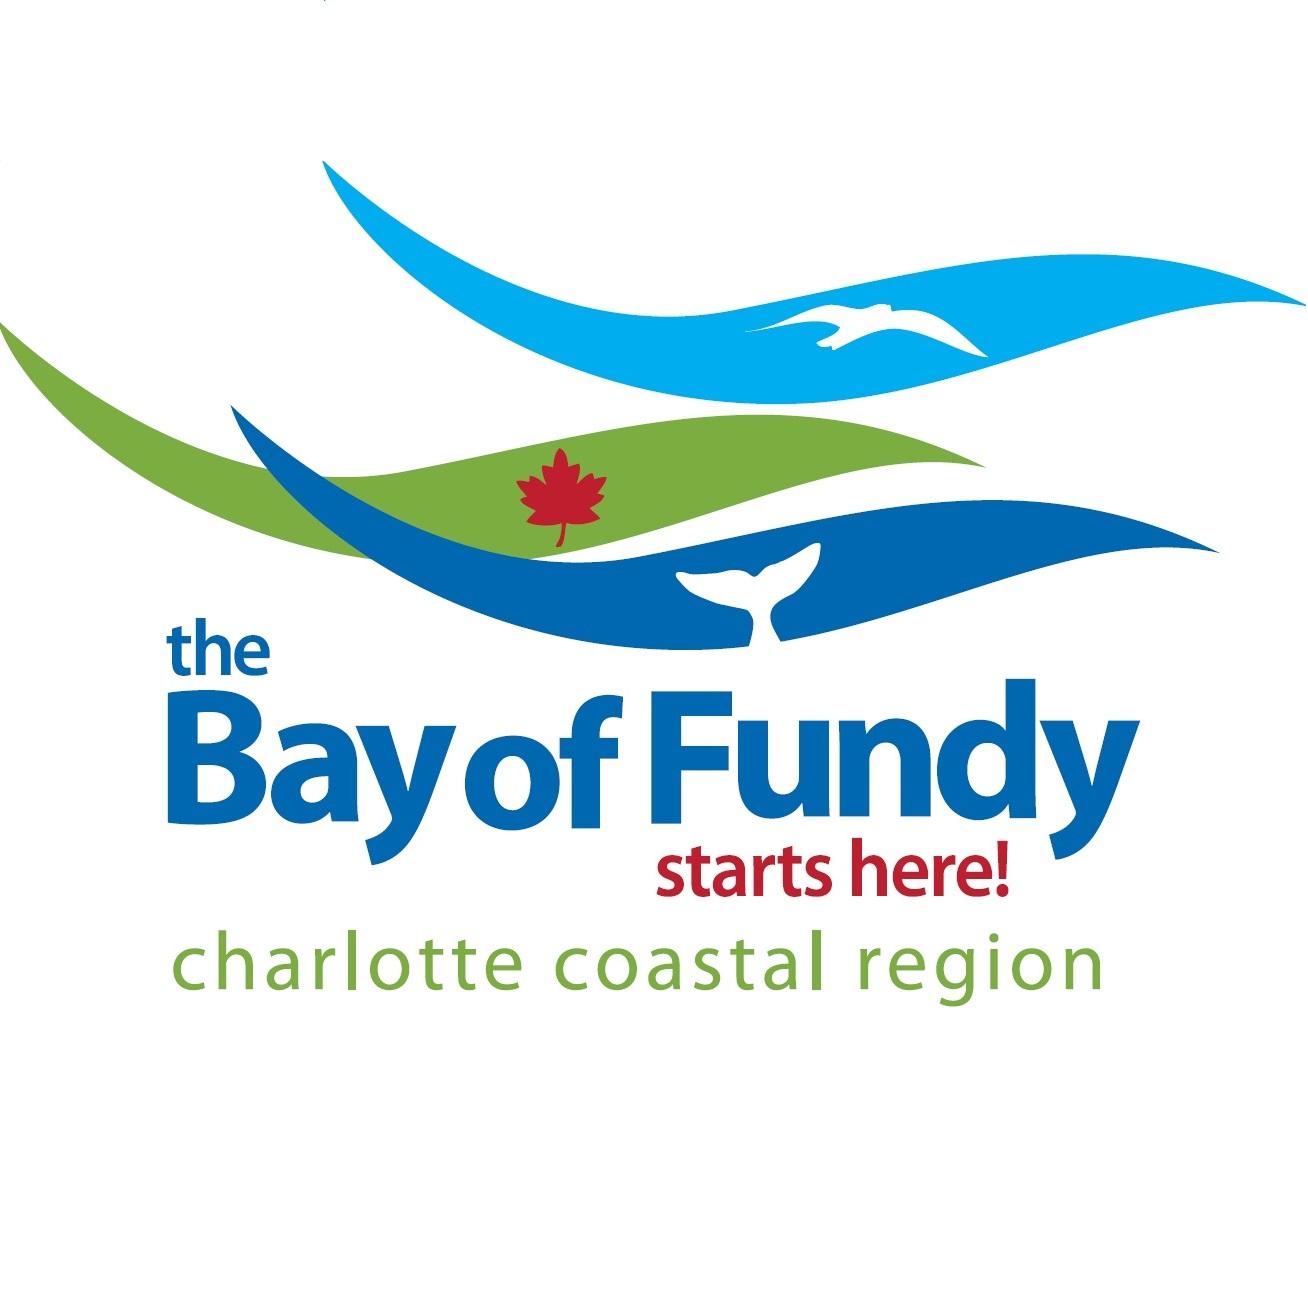 bay of fundy.jpg